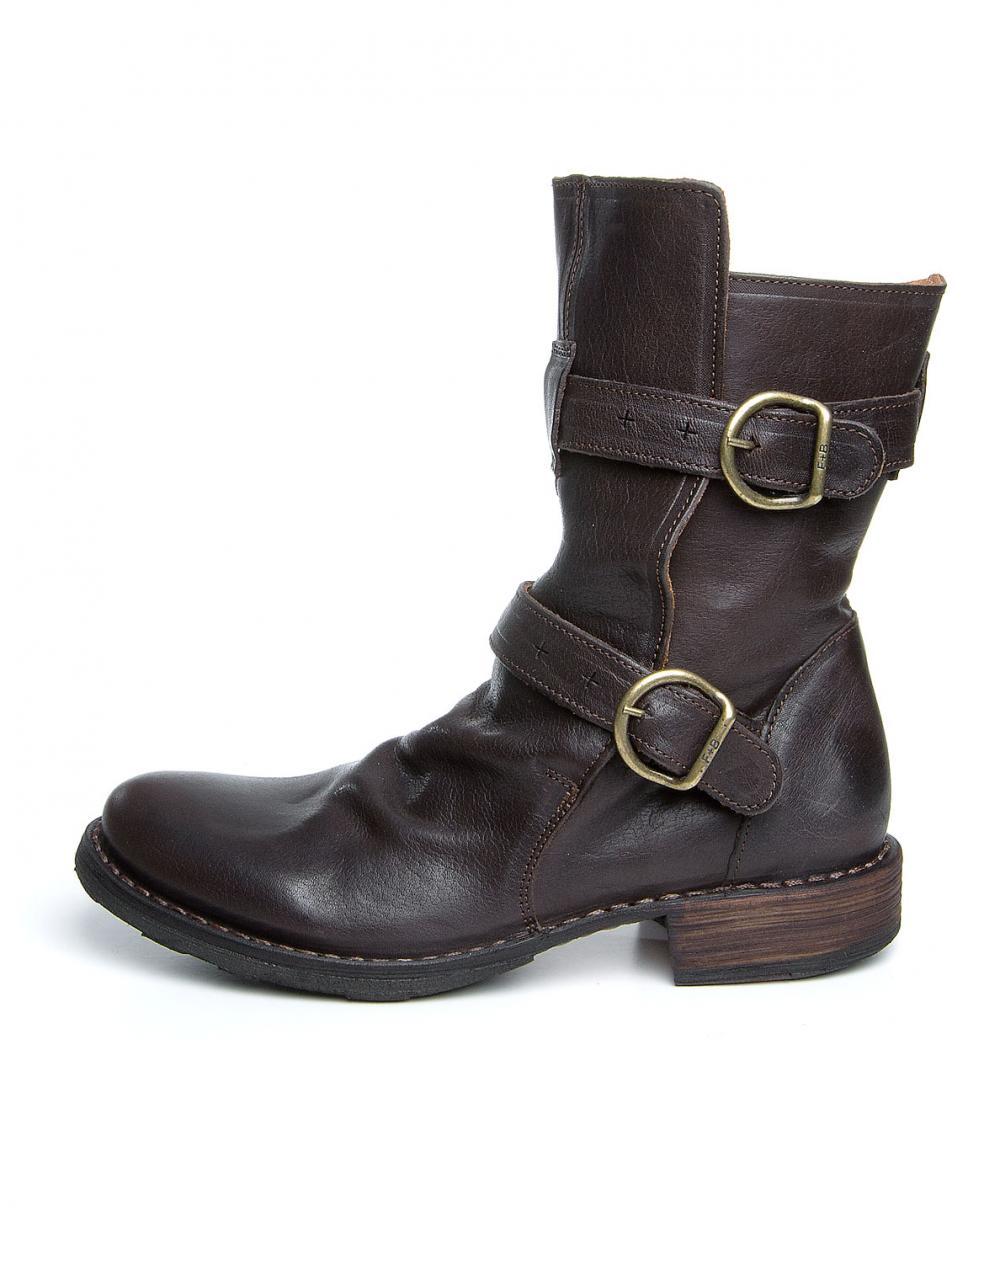 Boot Eternity 713